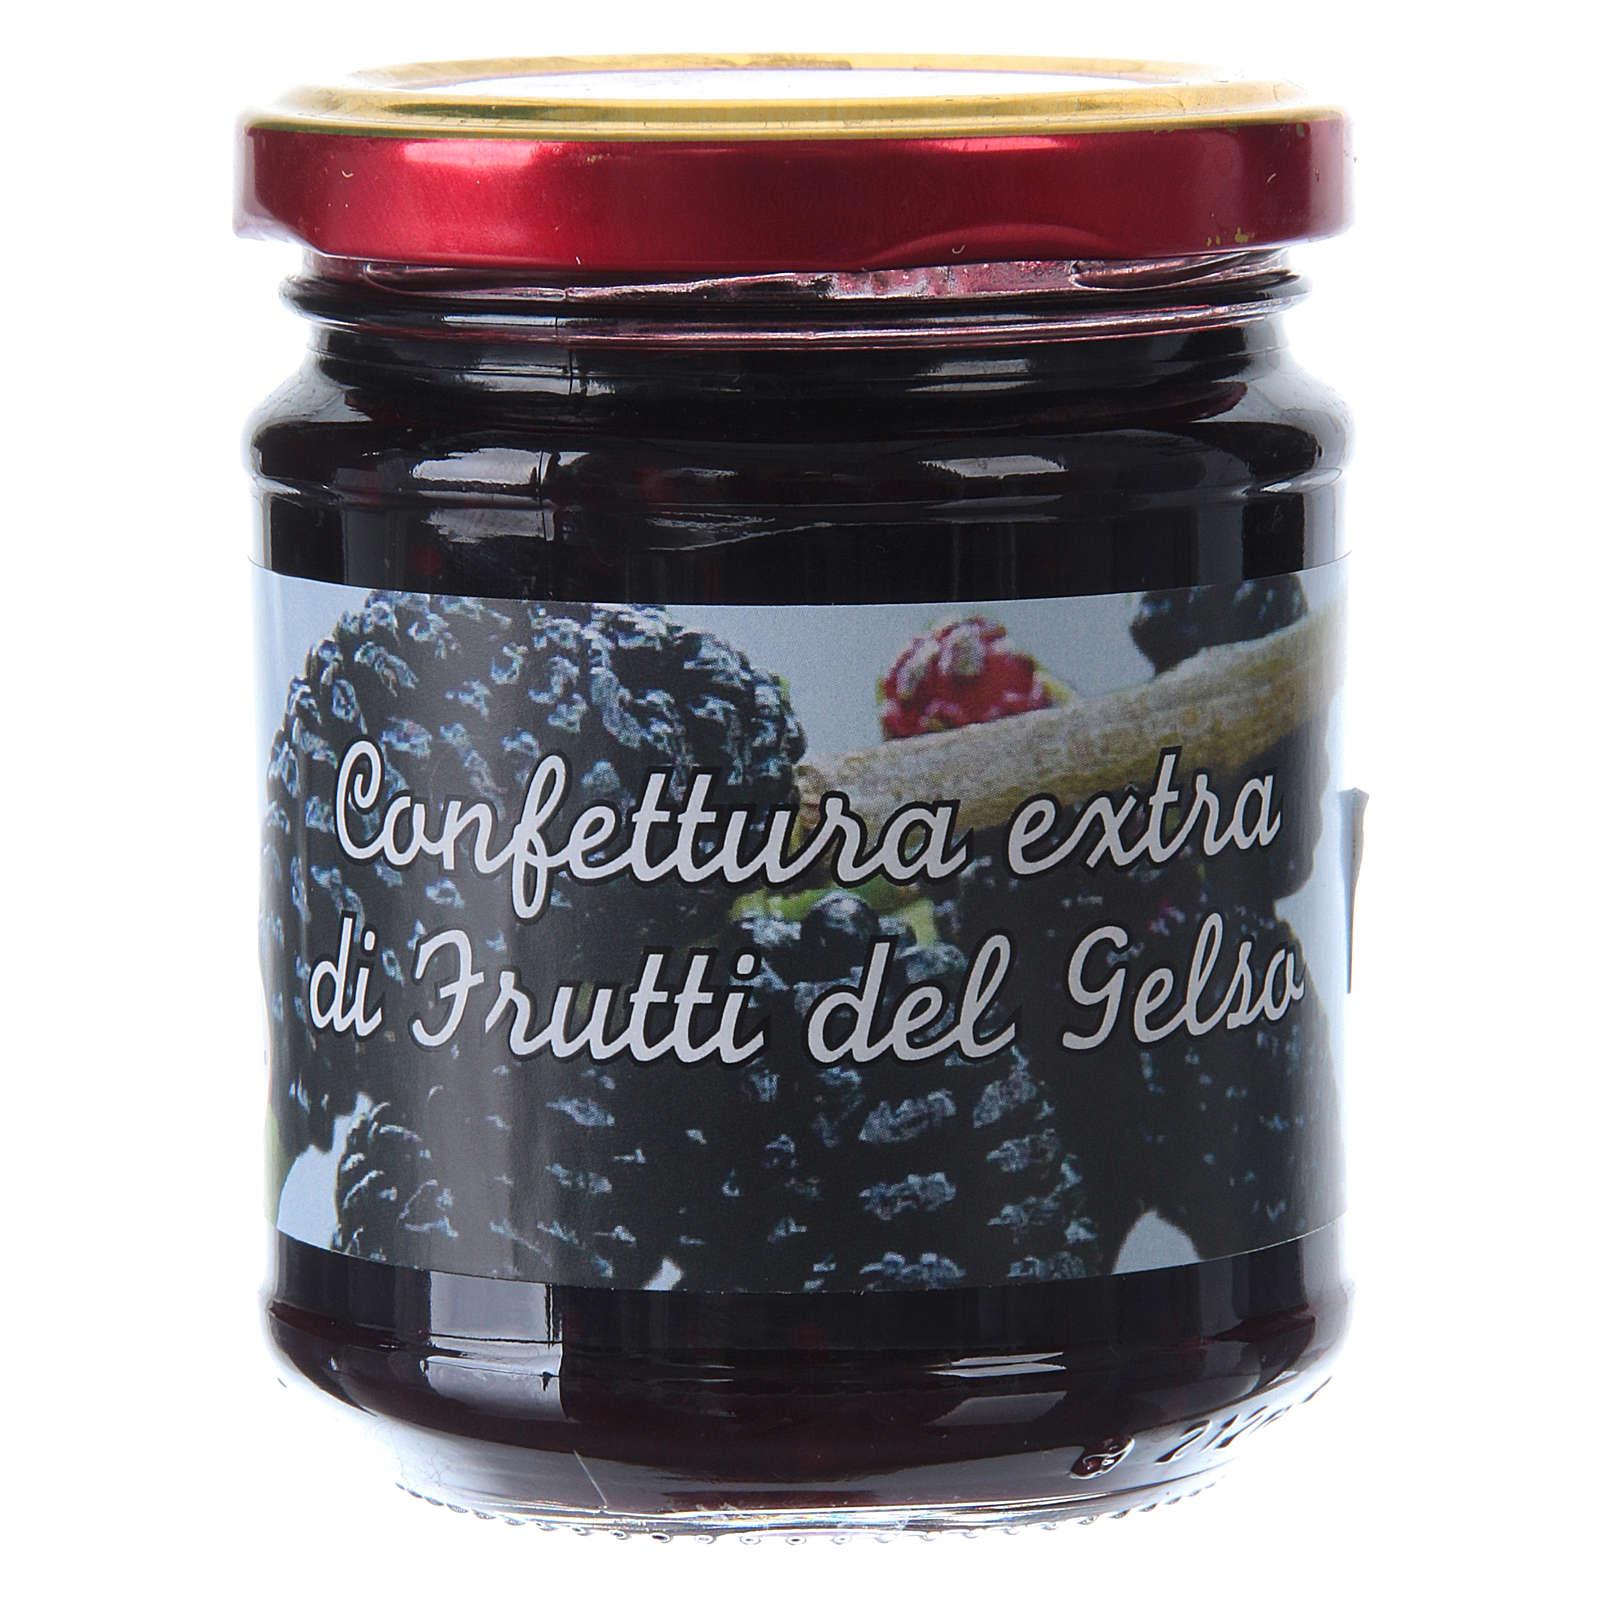 Confettura extra di Frutti del Gelso 220 g  di Sant'Antonio di Padova 3